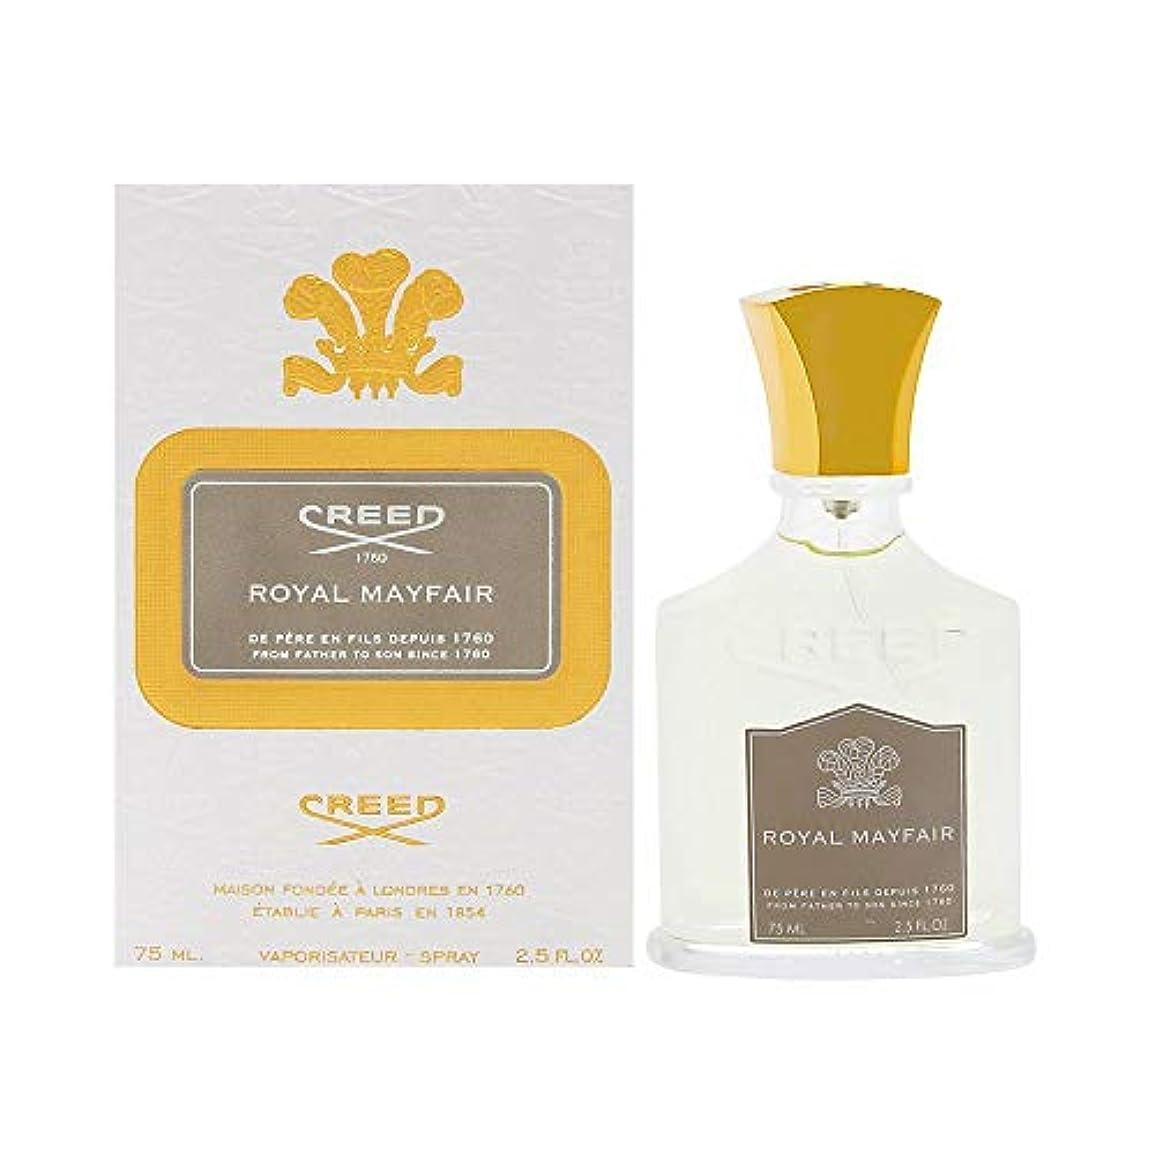 割合鰐保証Creed Royal Mayfair (クリード ロイヤル メイフェアー) 2.5 oz (75ml) EDP Spray